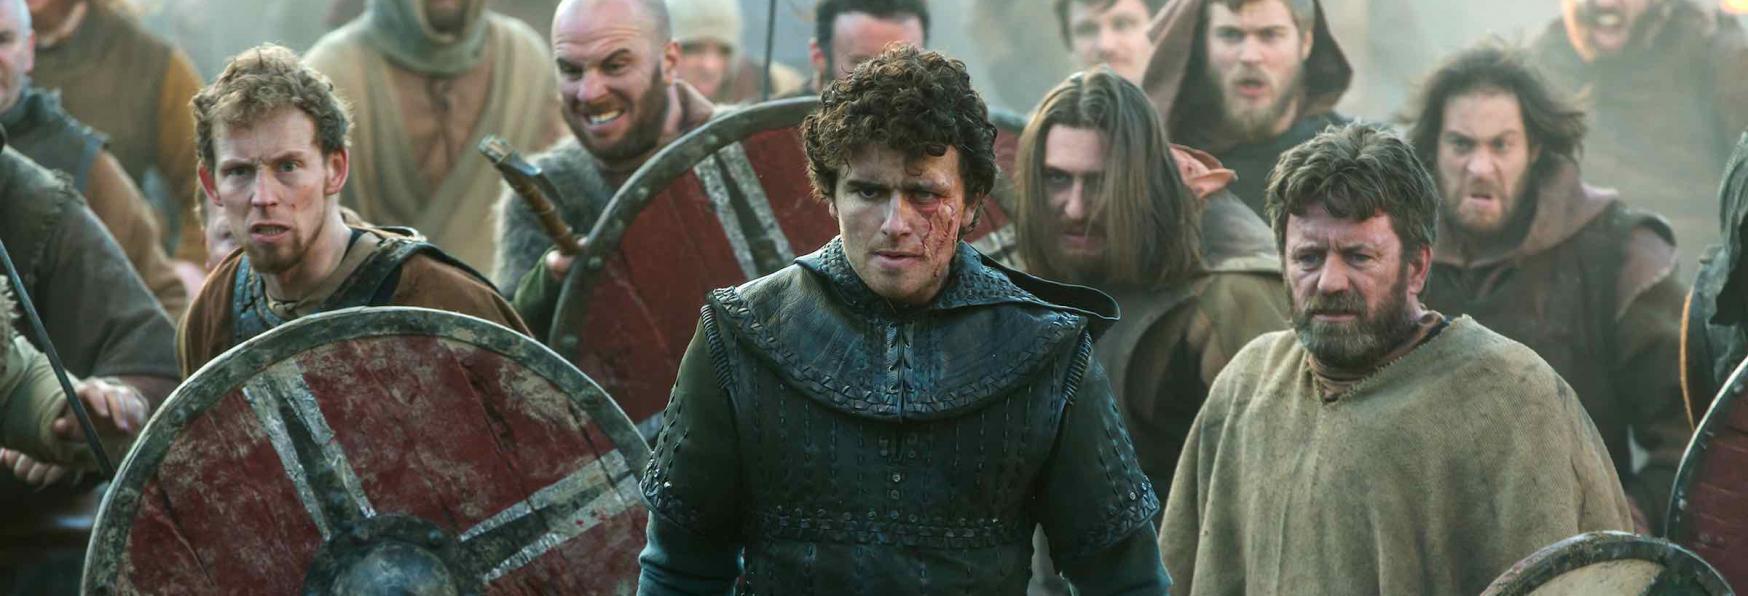 Vikings: Valhalla - le Nuove Informazioni sulla Serie TV Spin-off